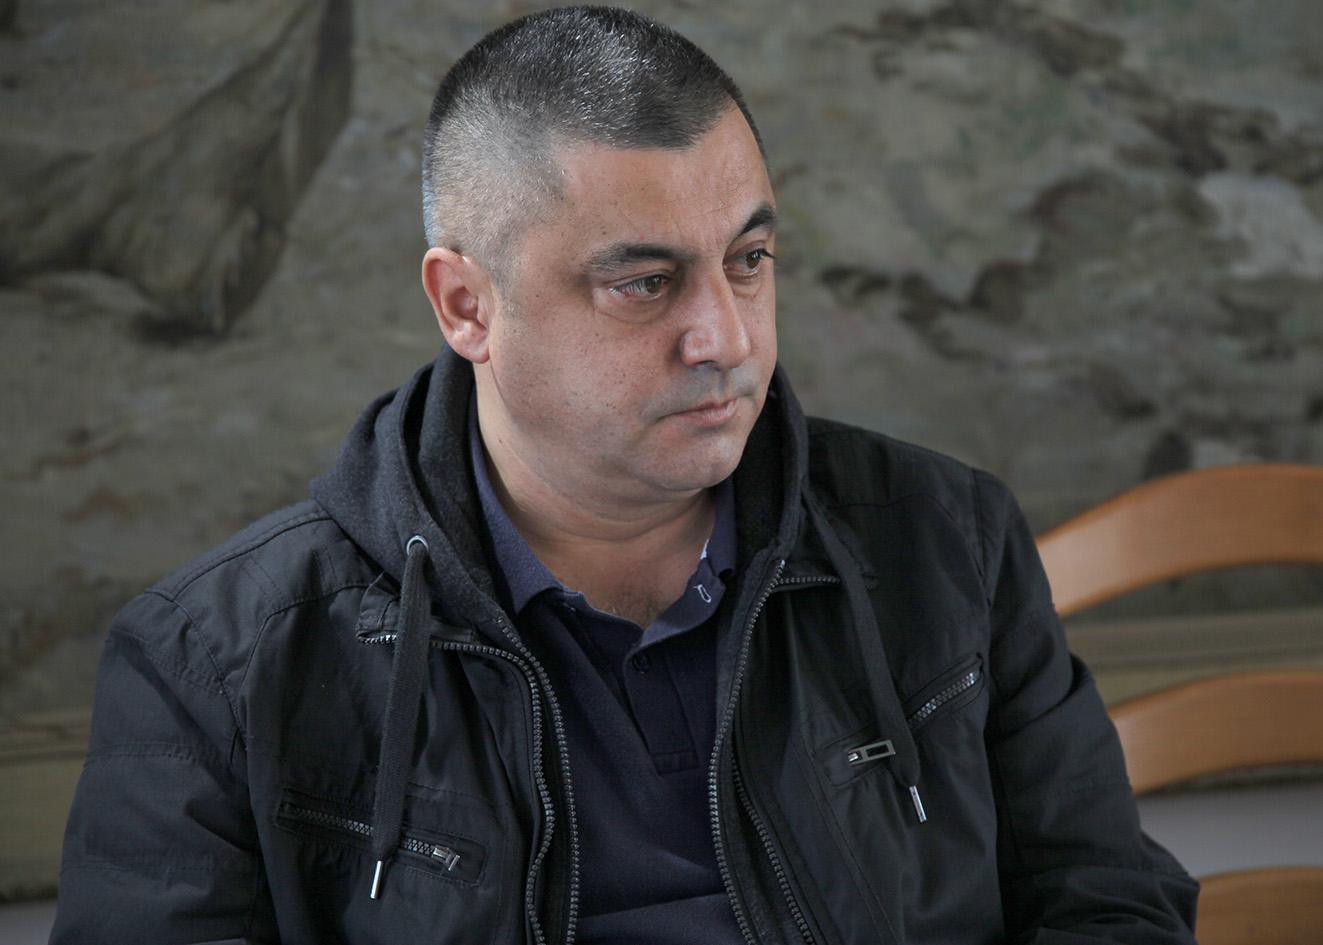 Gradonačelnik Vinković o mjeri zapošljavanja Vlade RH